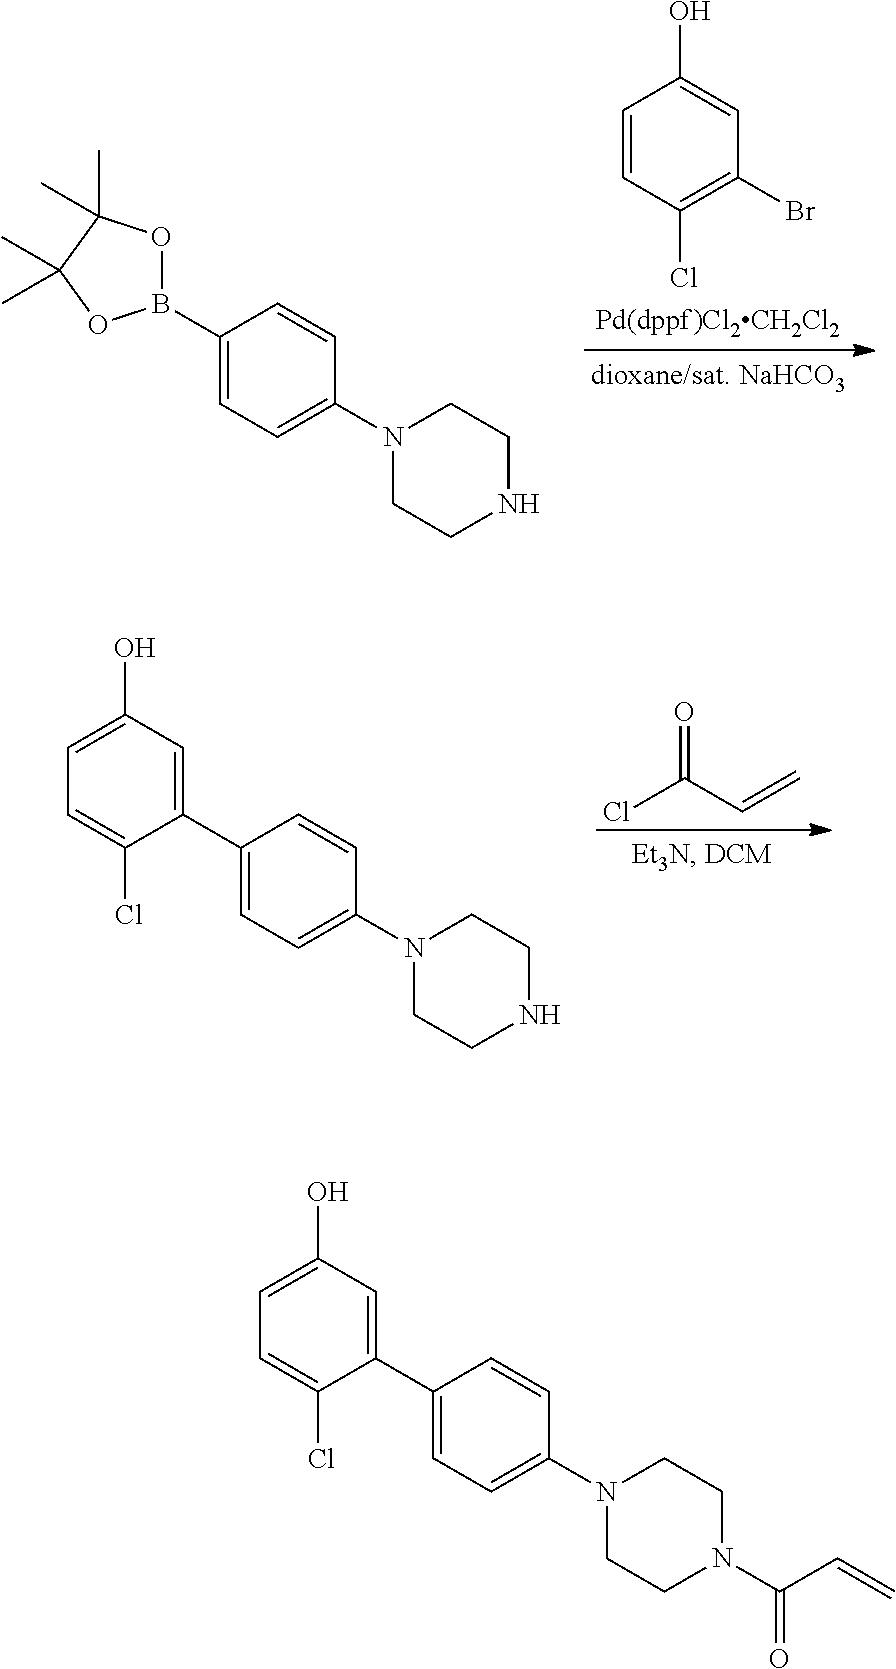 Figure US09862701-20180109-C00053